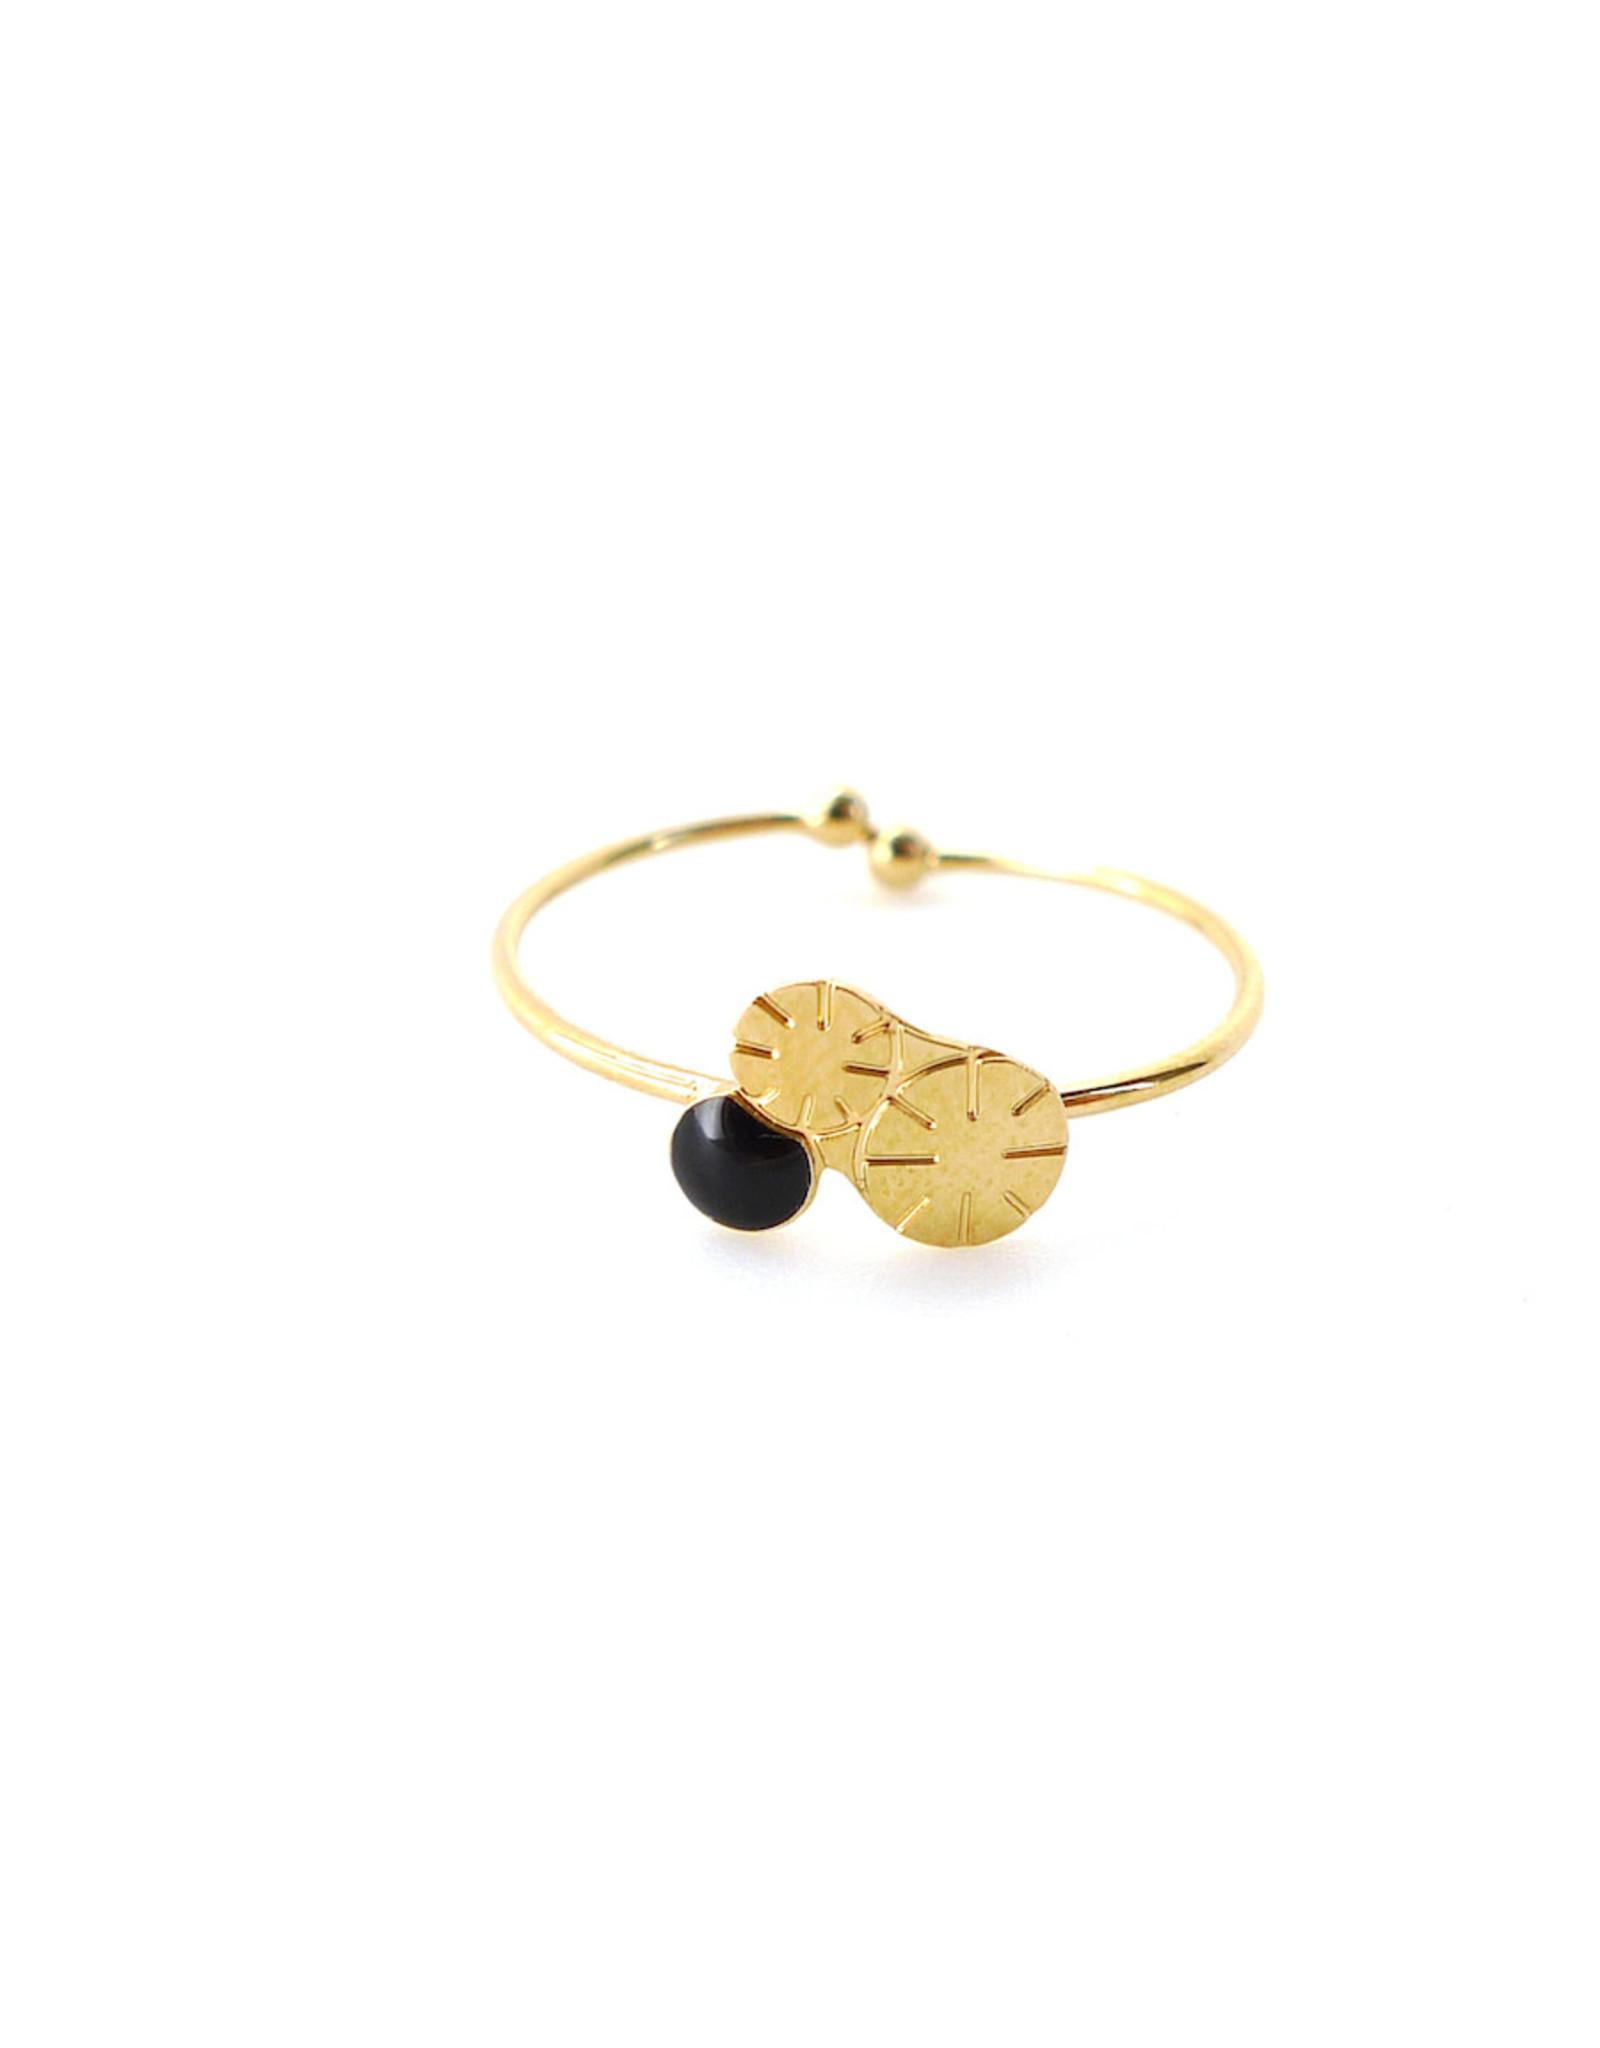 Nadja Carlotti Ring Berry - Zwart - Messing Verguld - Geïnspireerd op een bloem - Verstelbaar - Patroon B 0,9 x H 0,7 cm